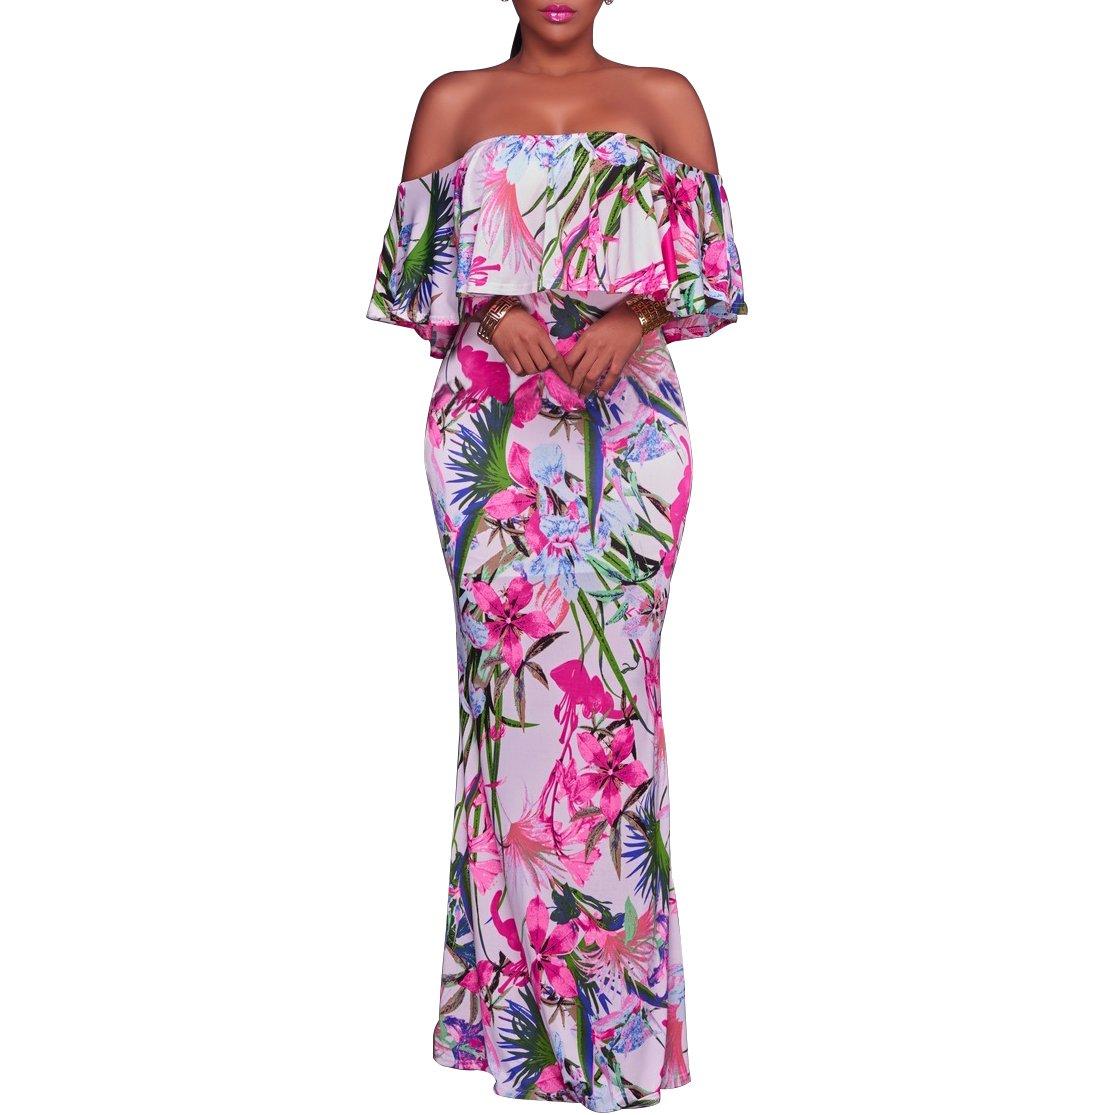 Synker Damen Sommerkleid Blüte Drucken Cocktailkleid Schulterfrei Lang Abendkleid Partykleid Maxikleid